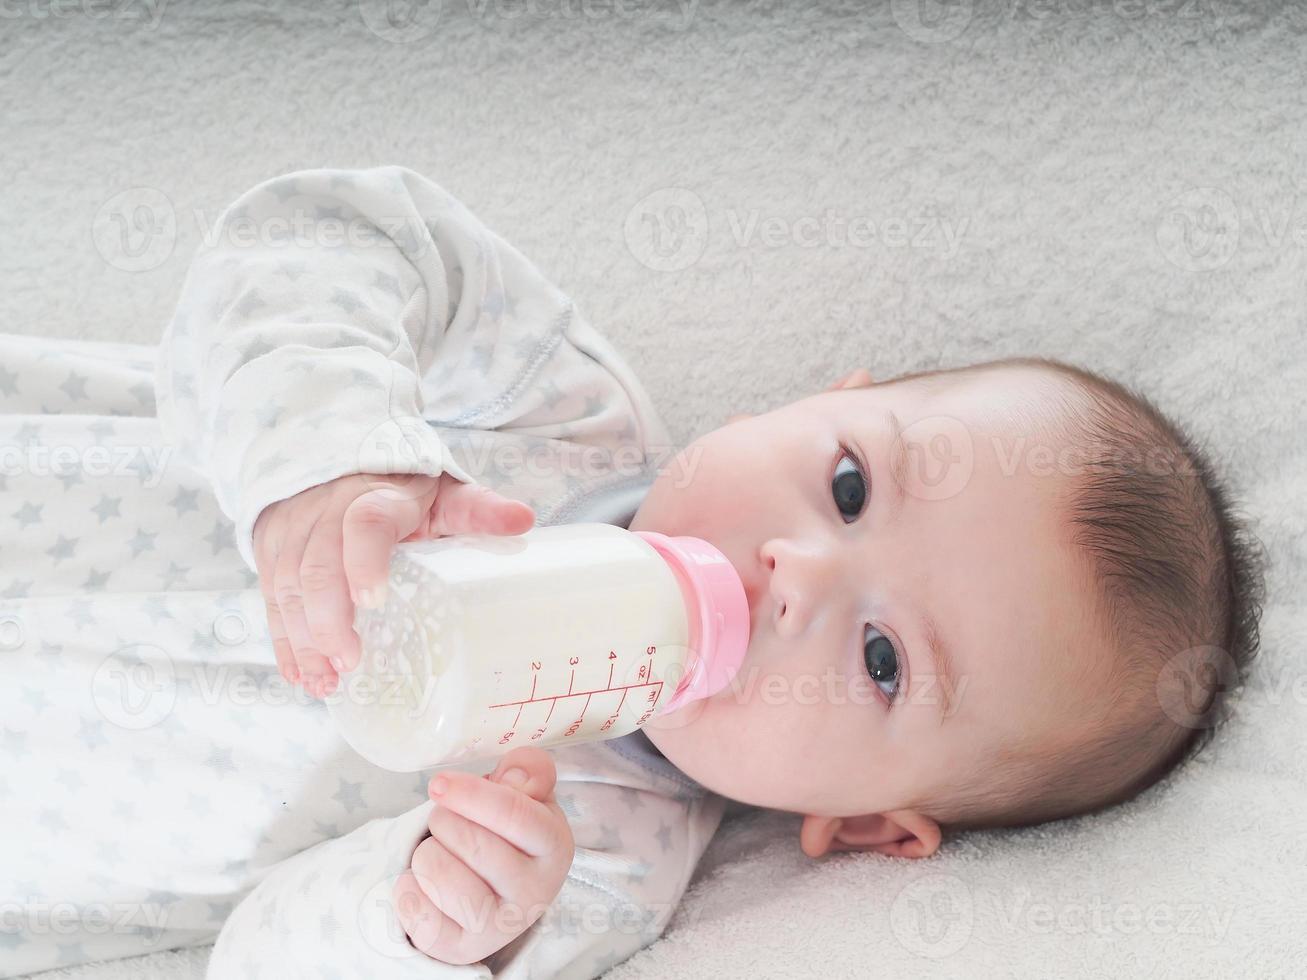 Baby Boy bebiendo leche de la botella en casa foto